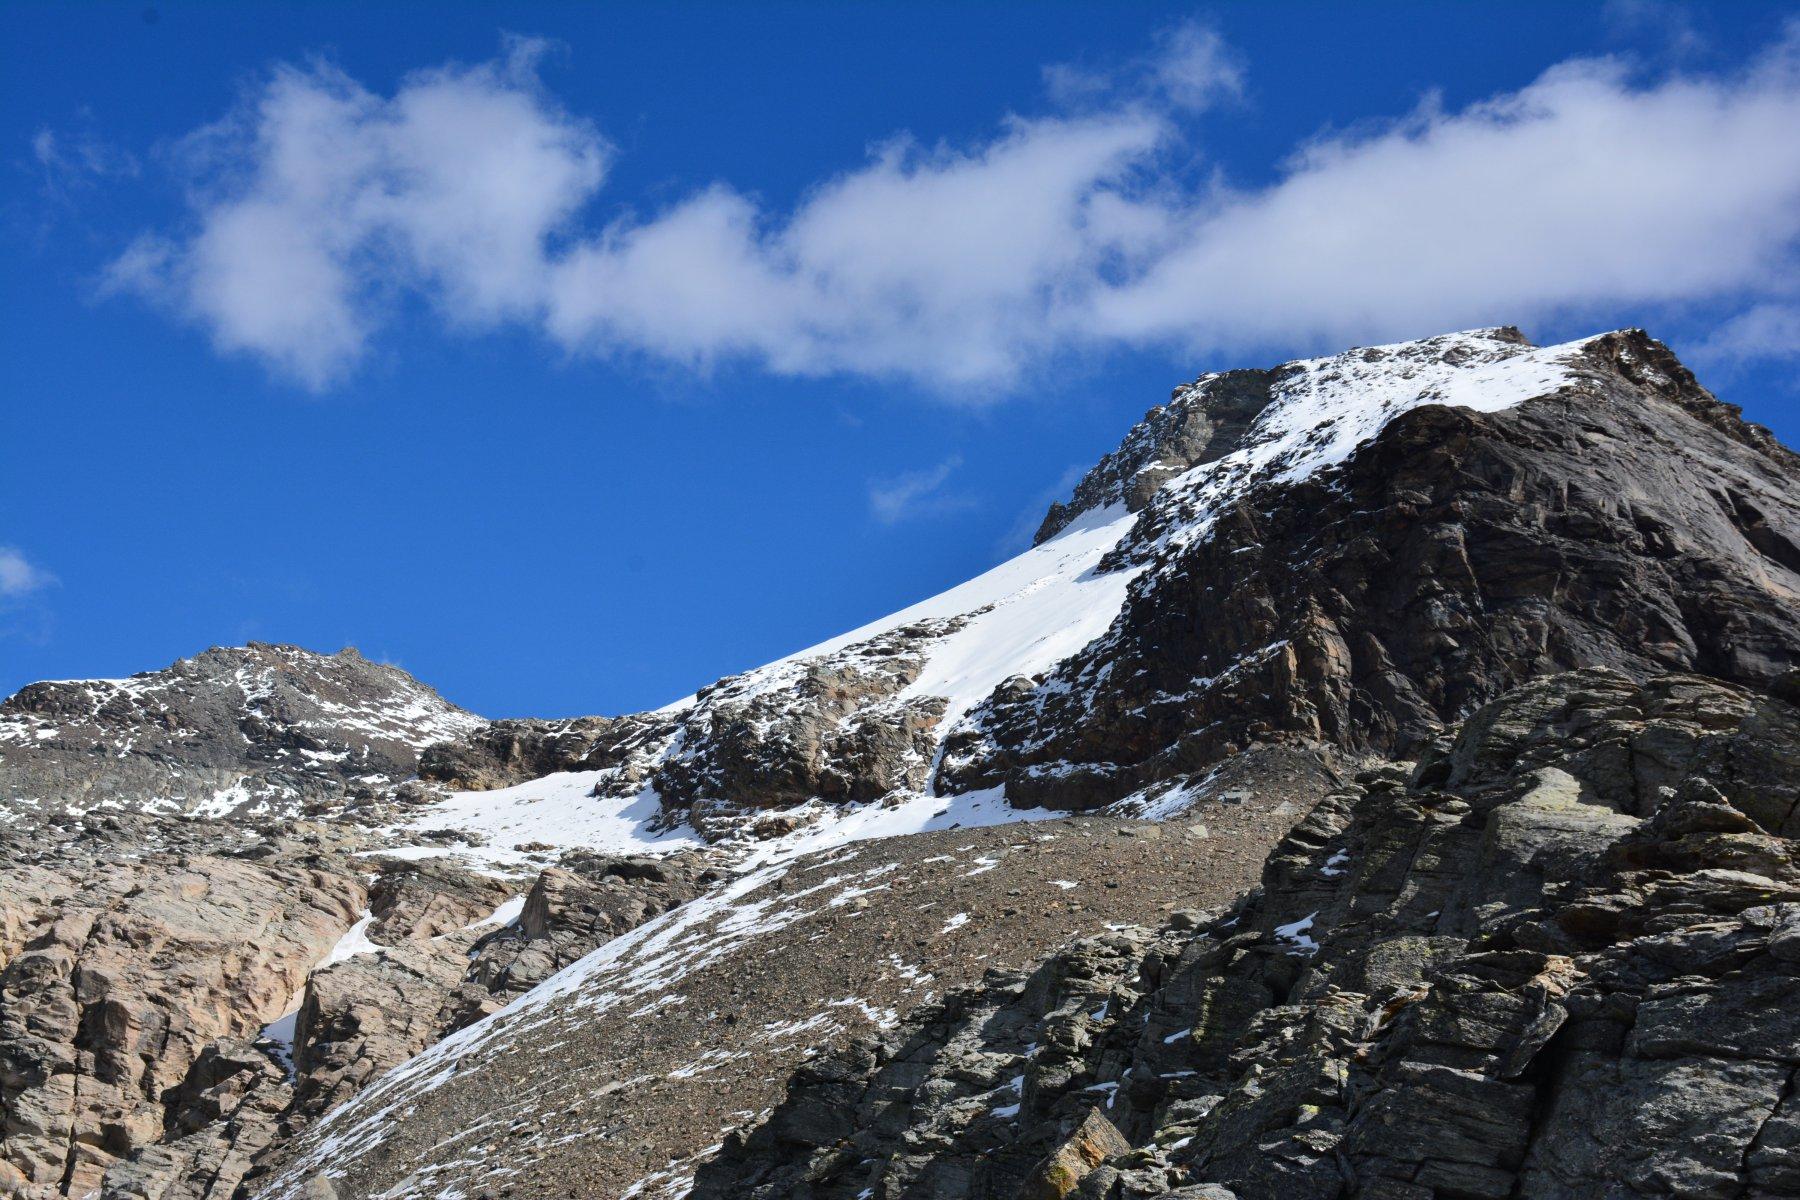 il versante di risalita  sul ghiacciaio Ferrand